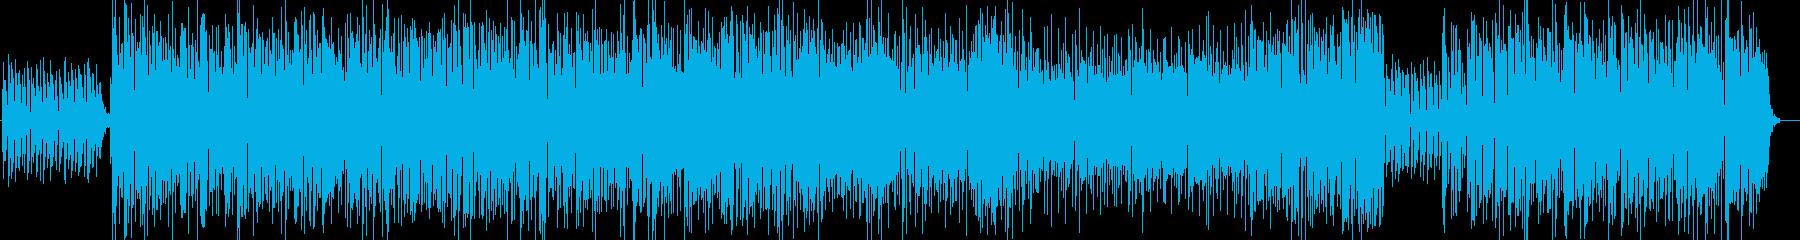 爽やかなBigBandジャズ ラテン系の再生済みの波形